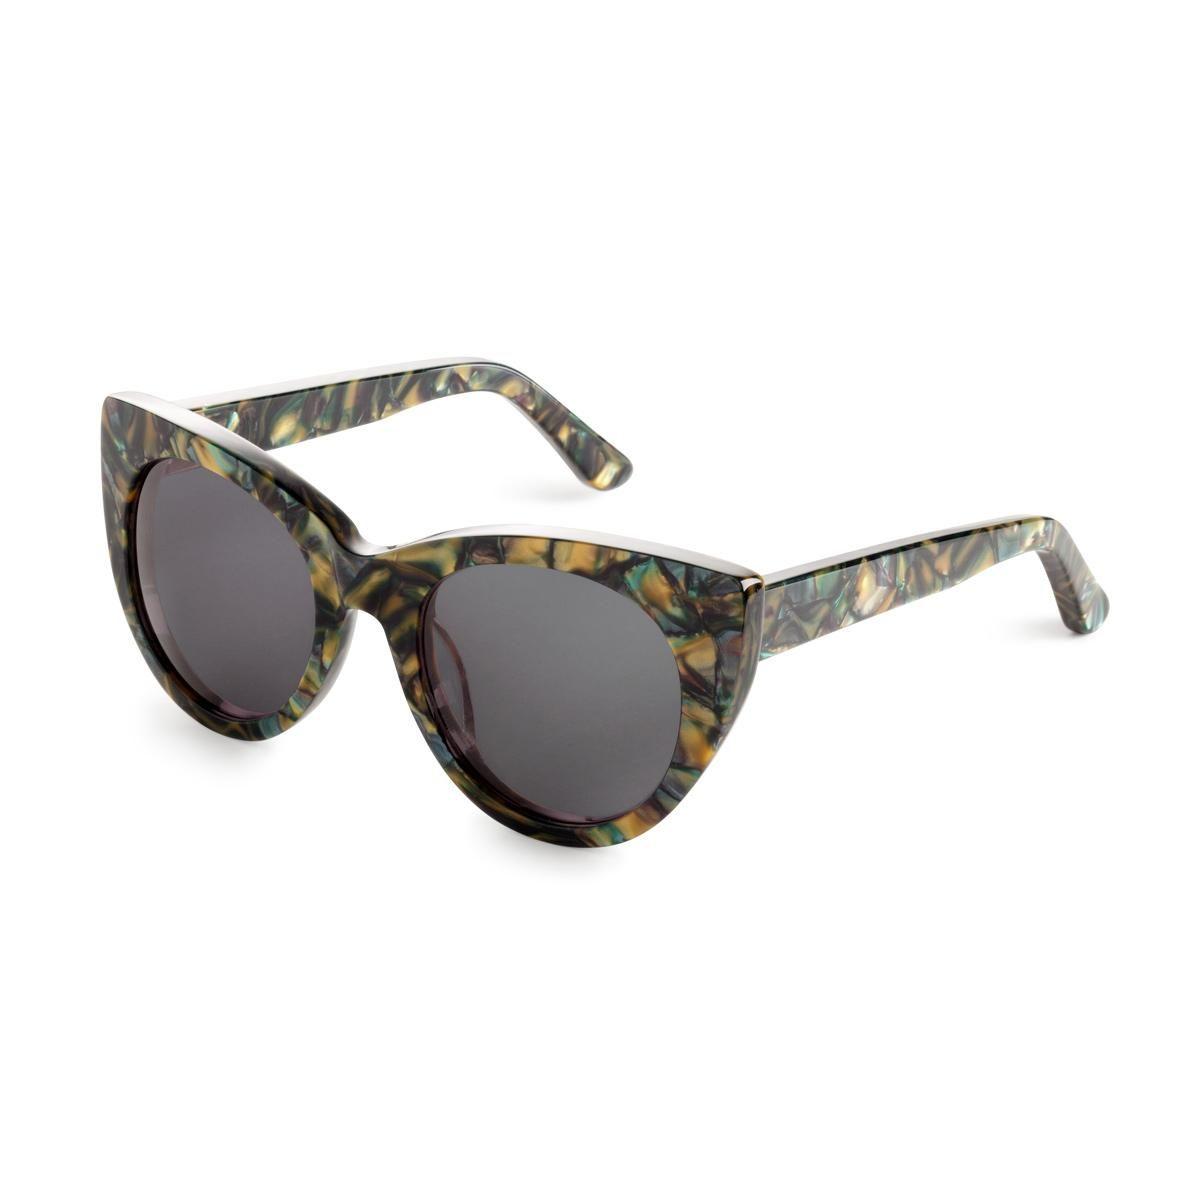 5 conseils pour choisir ses lunettes de soleil mode tendances shopping stylisme. Black Bedroom Furniture Sets. Home Design Ideas